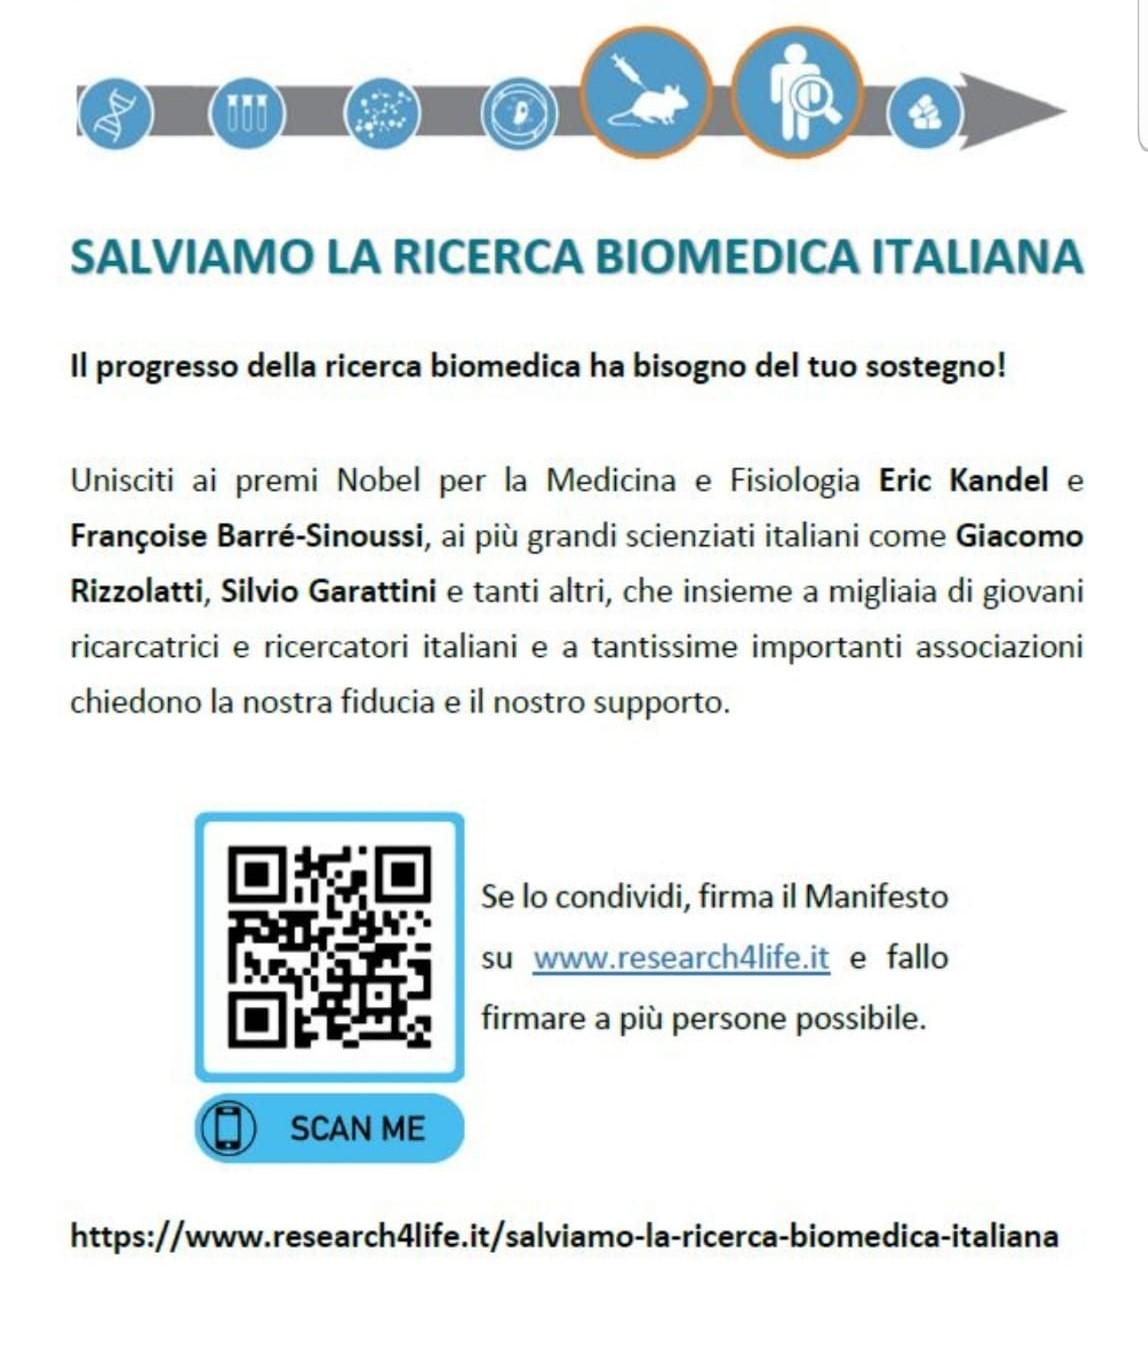 Salviamo la ricerca biomedica